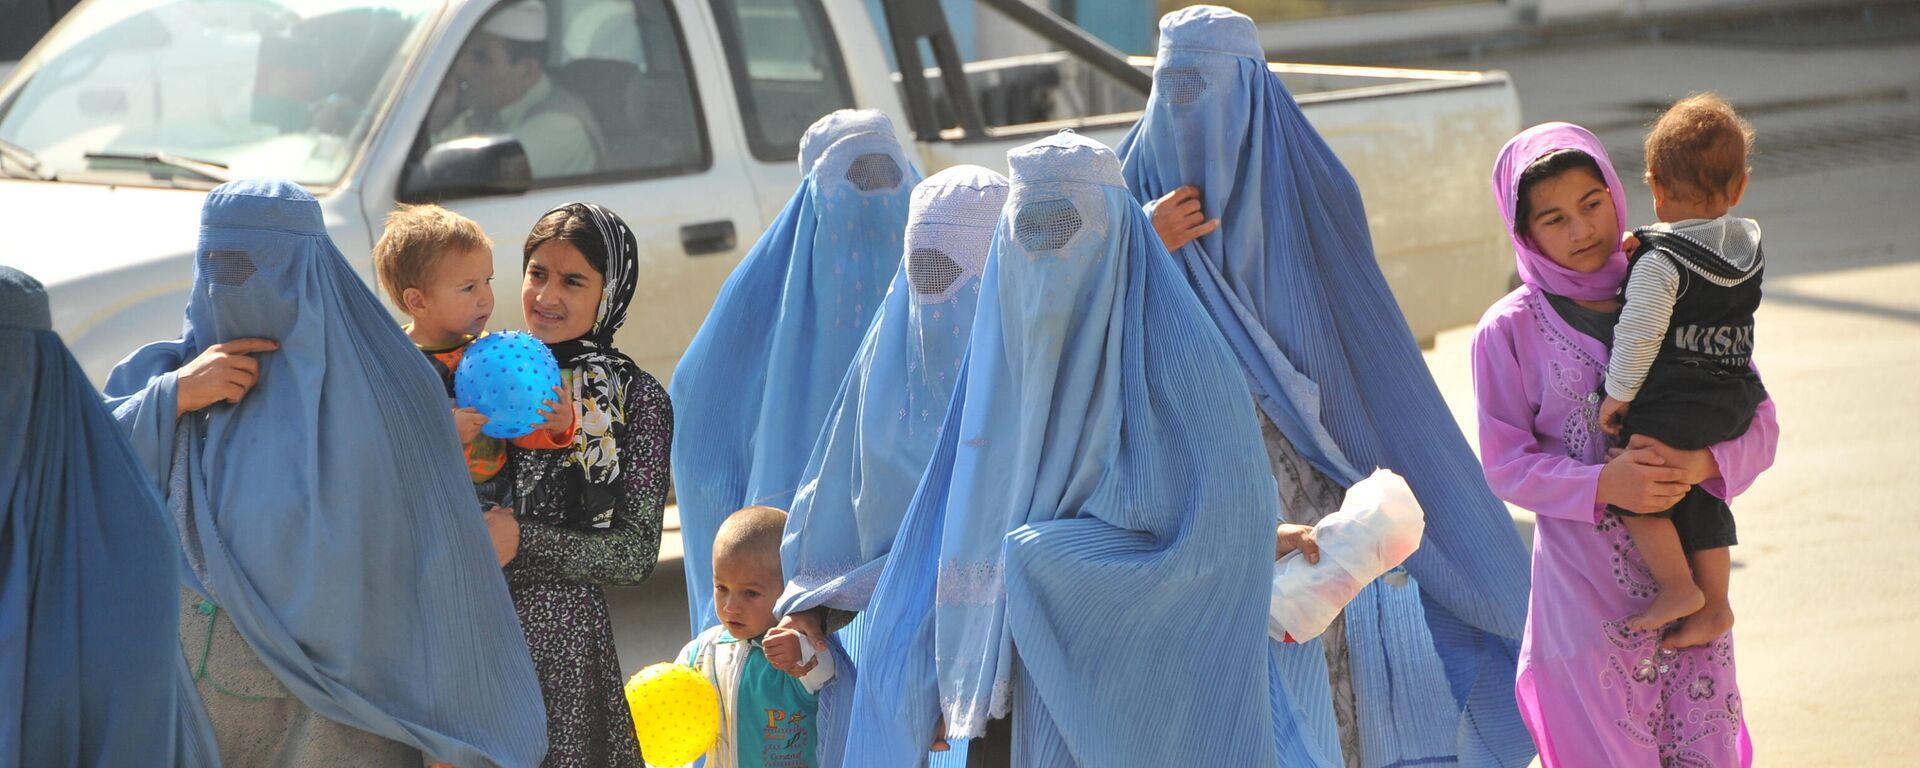 Afgańskie kobiety. Islamska Republika Afganistanu - Sputnik Polska, 1920, 24.09.2021